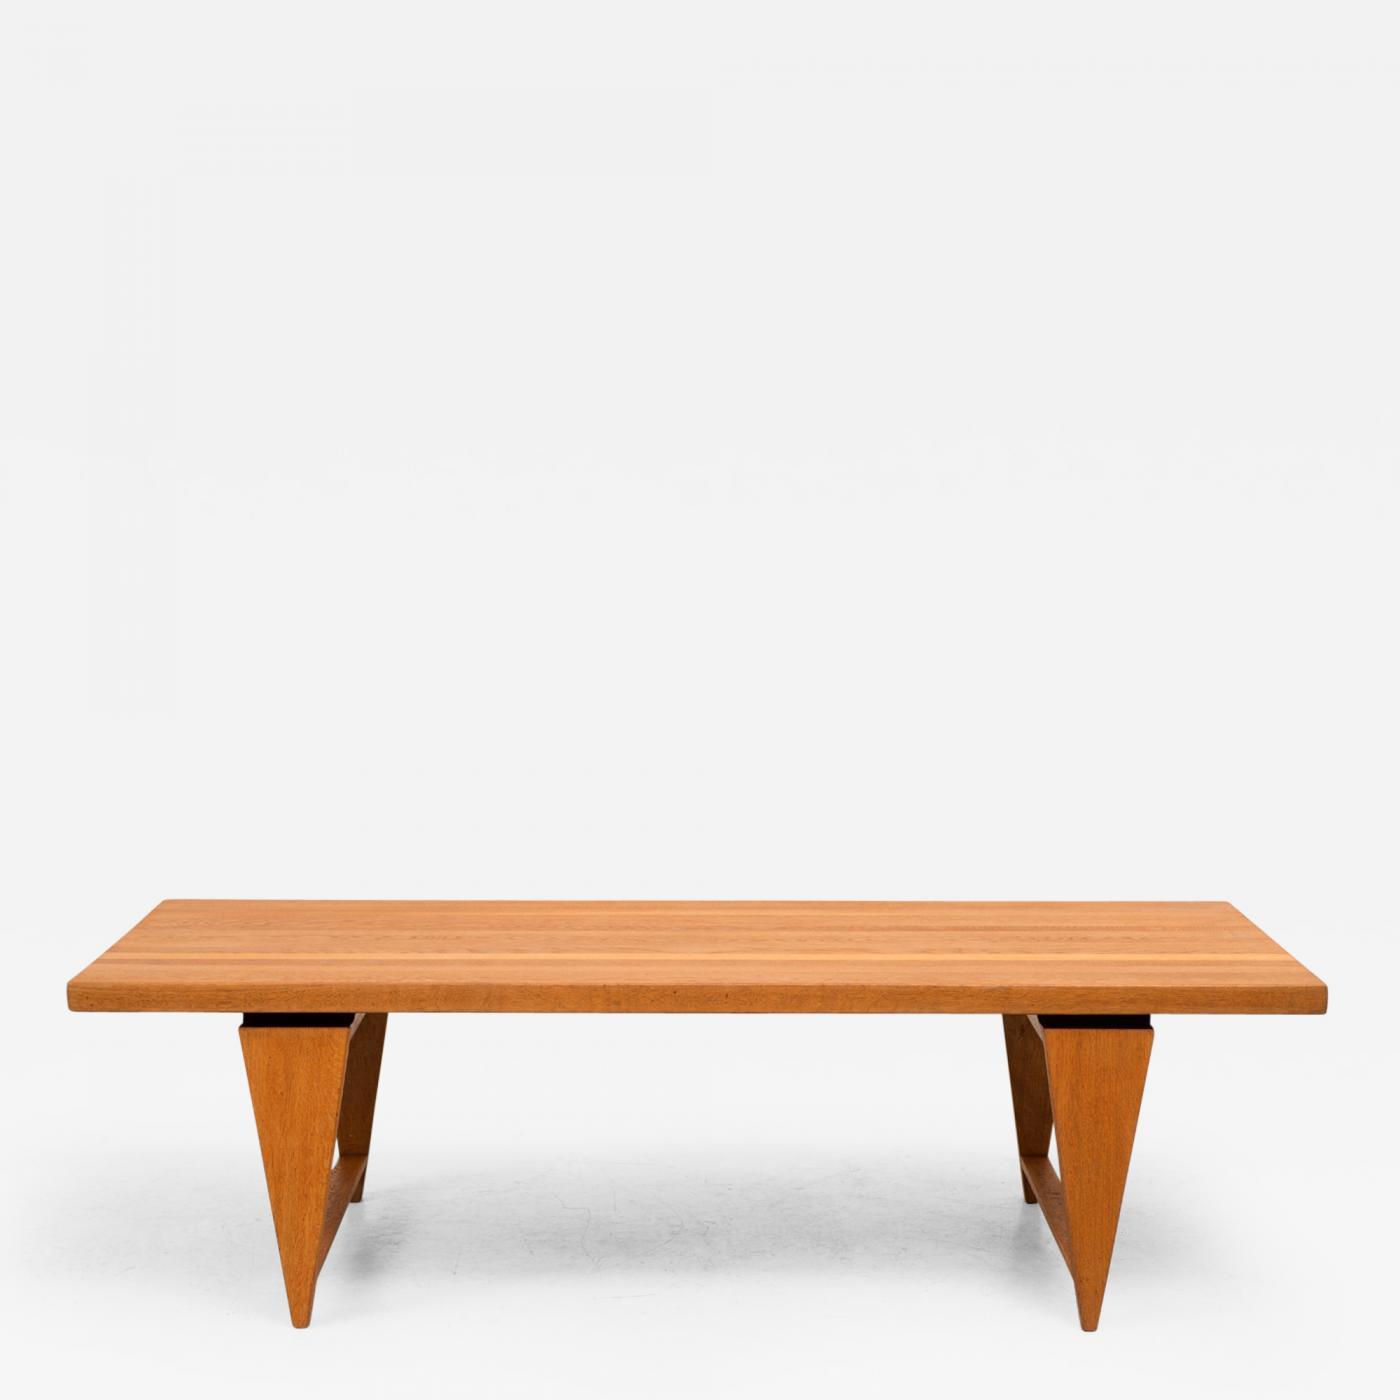 Illum Wikkels¸ Illum Wikkelso Coffee Table in Solid Oak